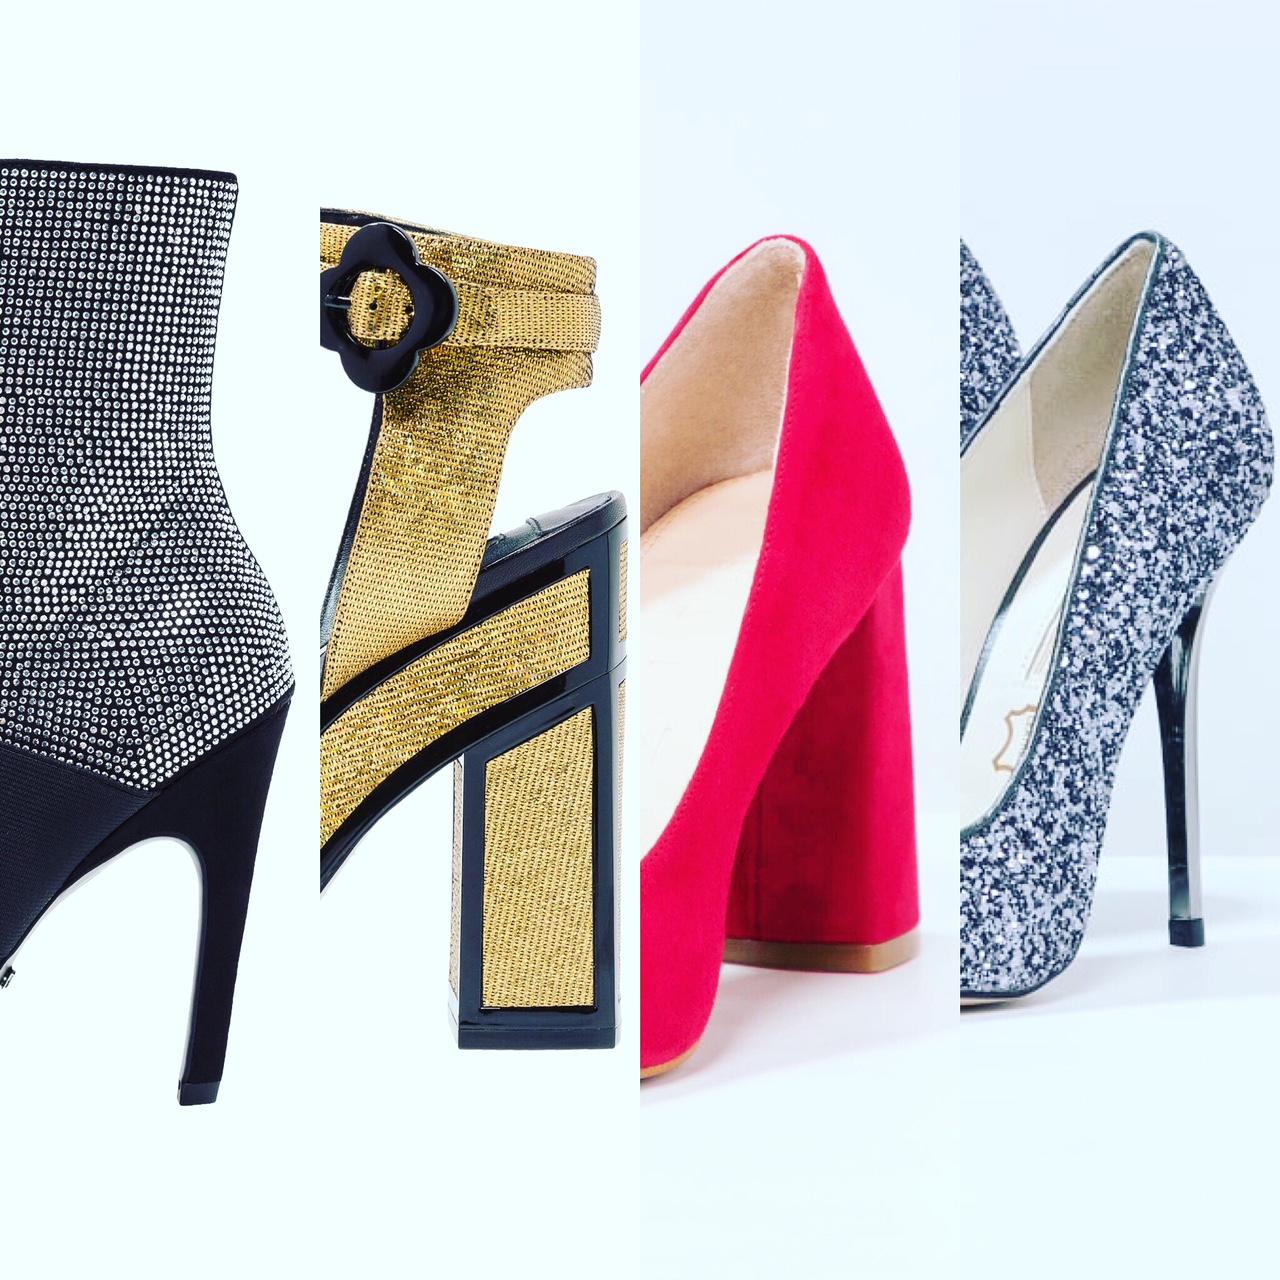 Che scarpe mi metto per Capodanno?